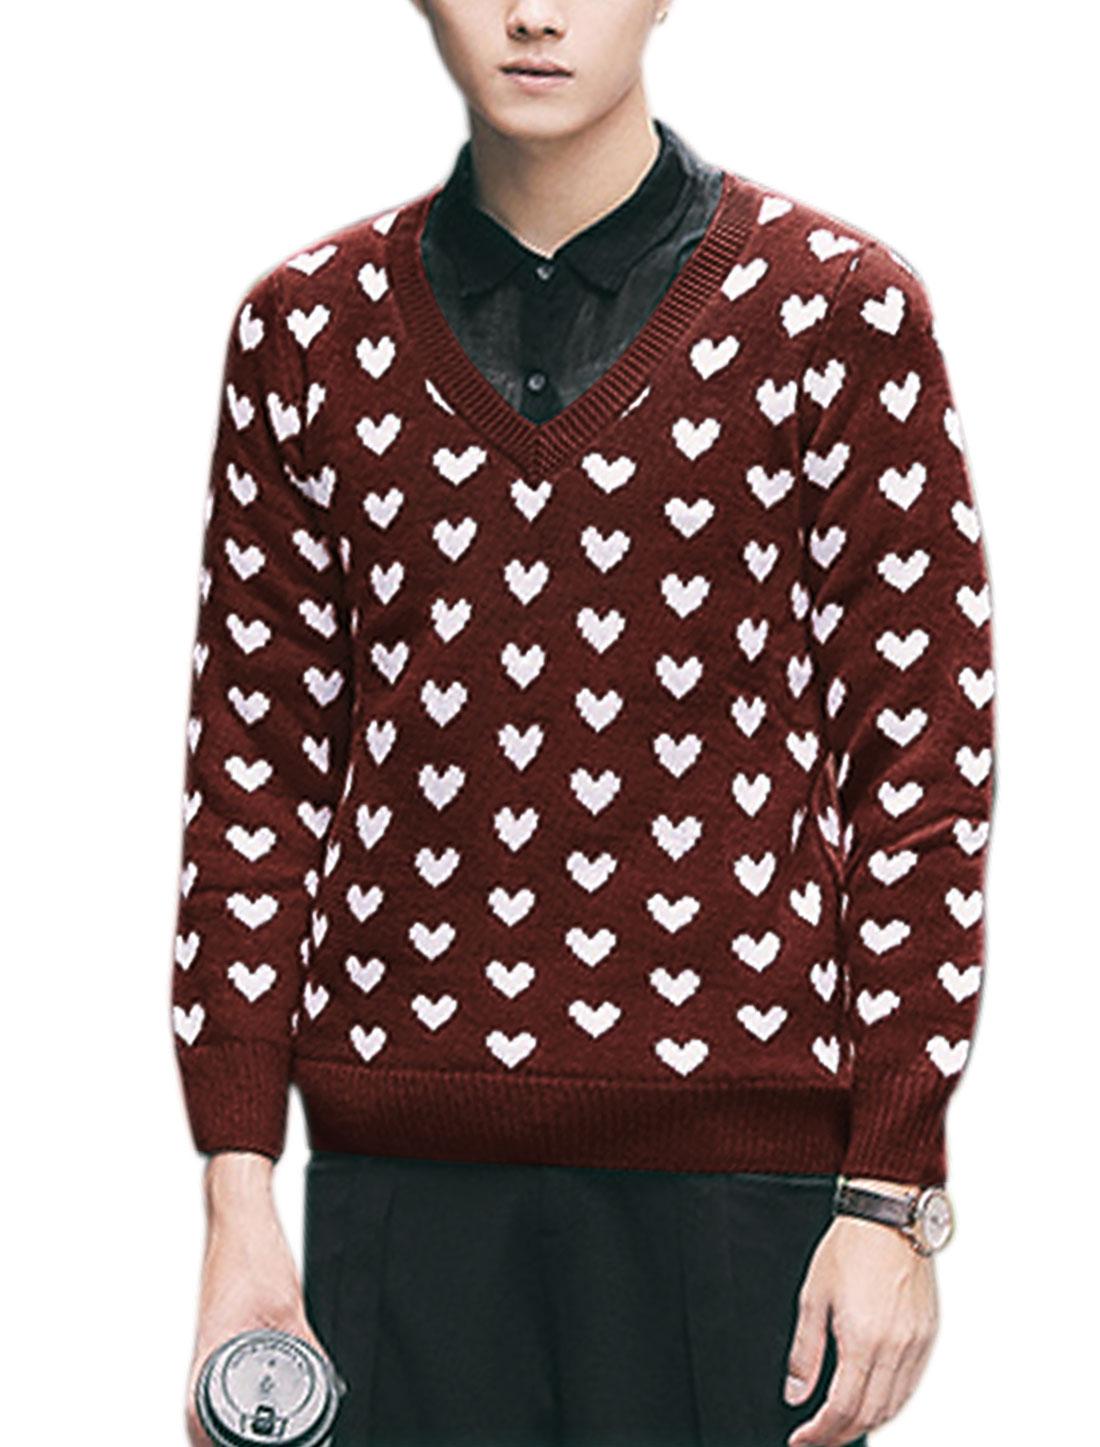 Men Pullover Long Sleeve V Neck Heart Print Casual Knitting Shirt Burgundy M